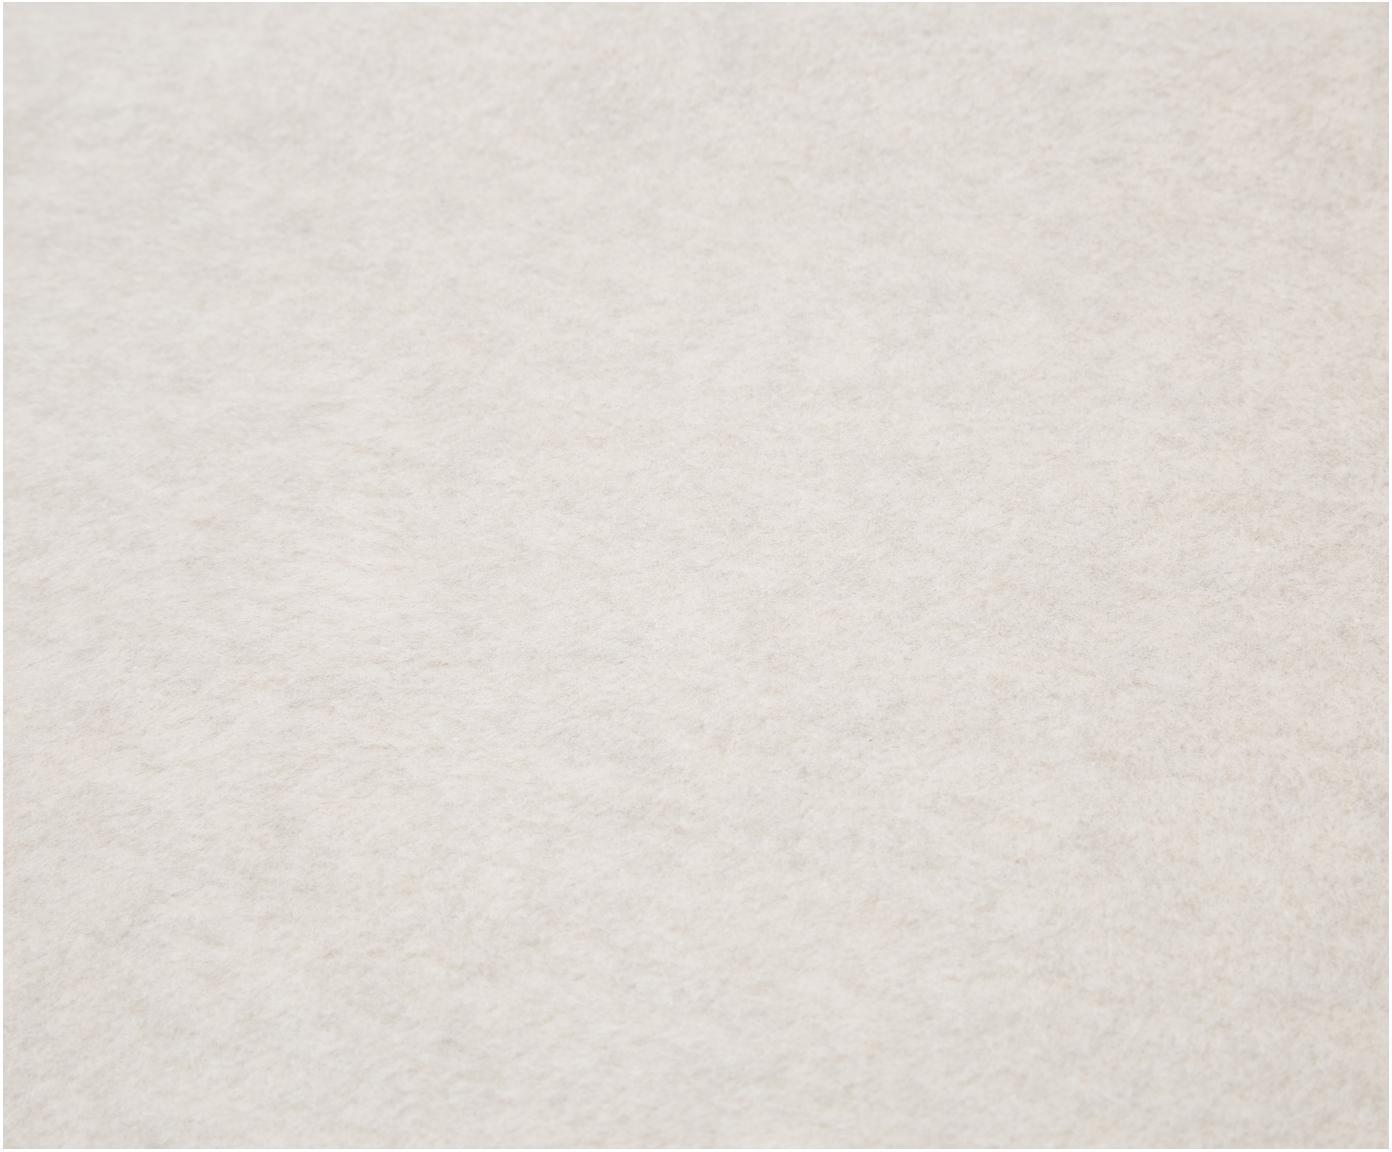 Dwustronny pled z polaru Uni Doubleface, 58% bawełna, 35% poliakryl, 7% poliester, Szary, ecru, S 150 x D 200 cm